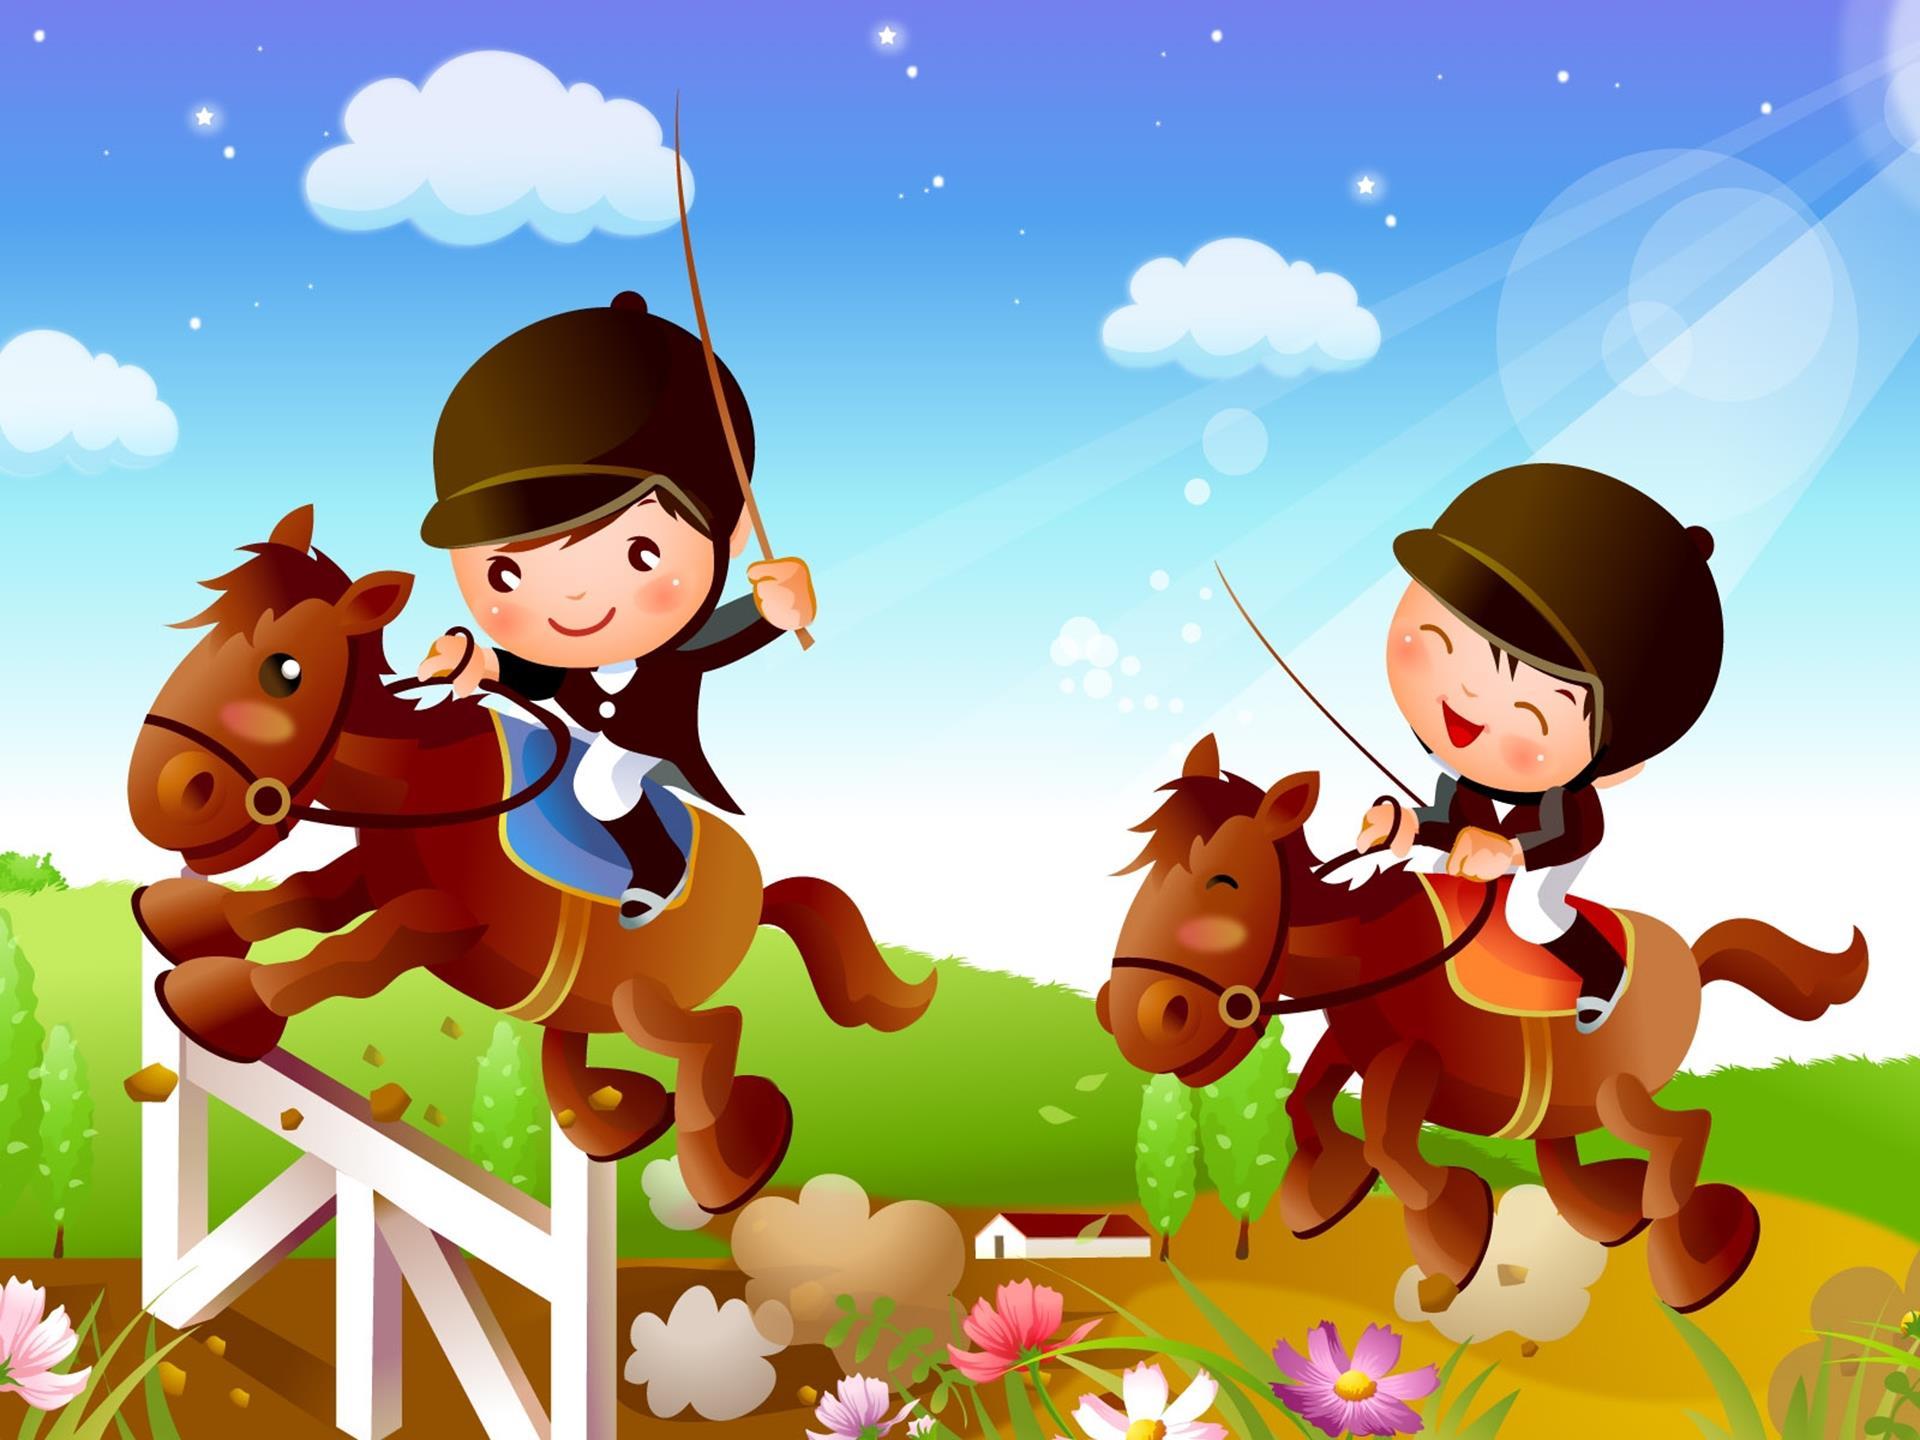 Картинка мальчика на лошади